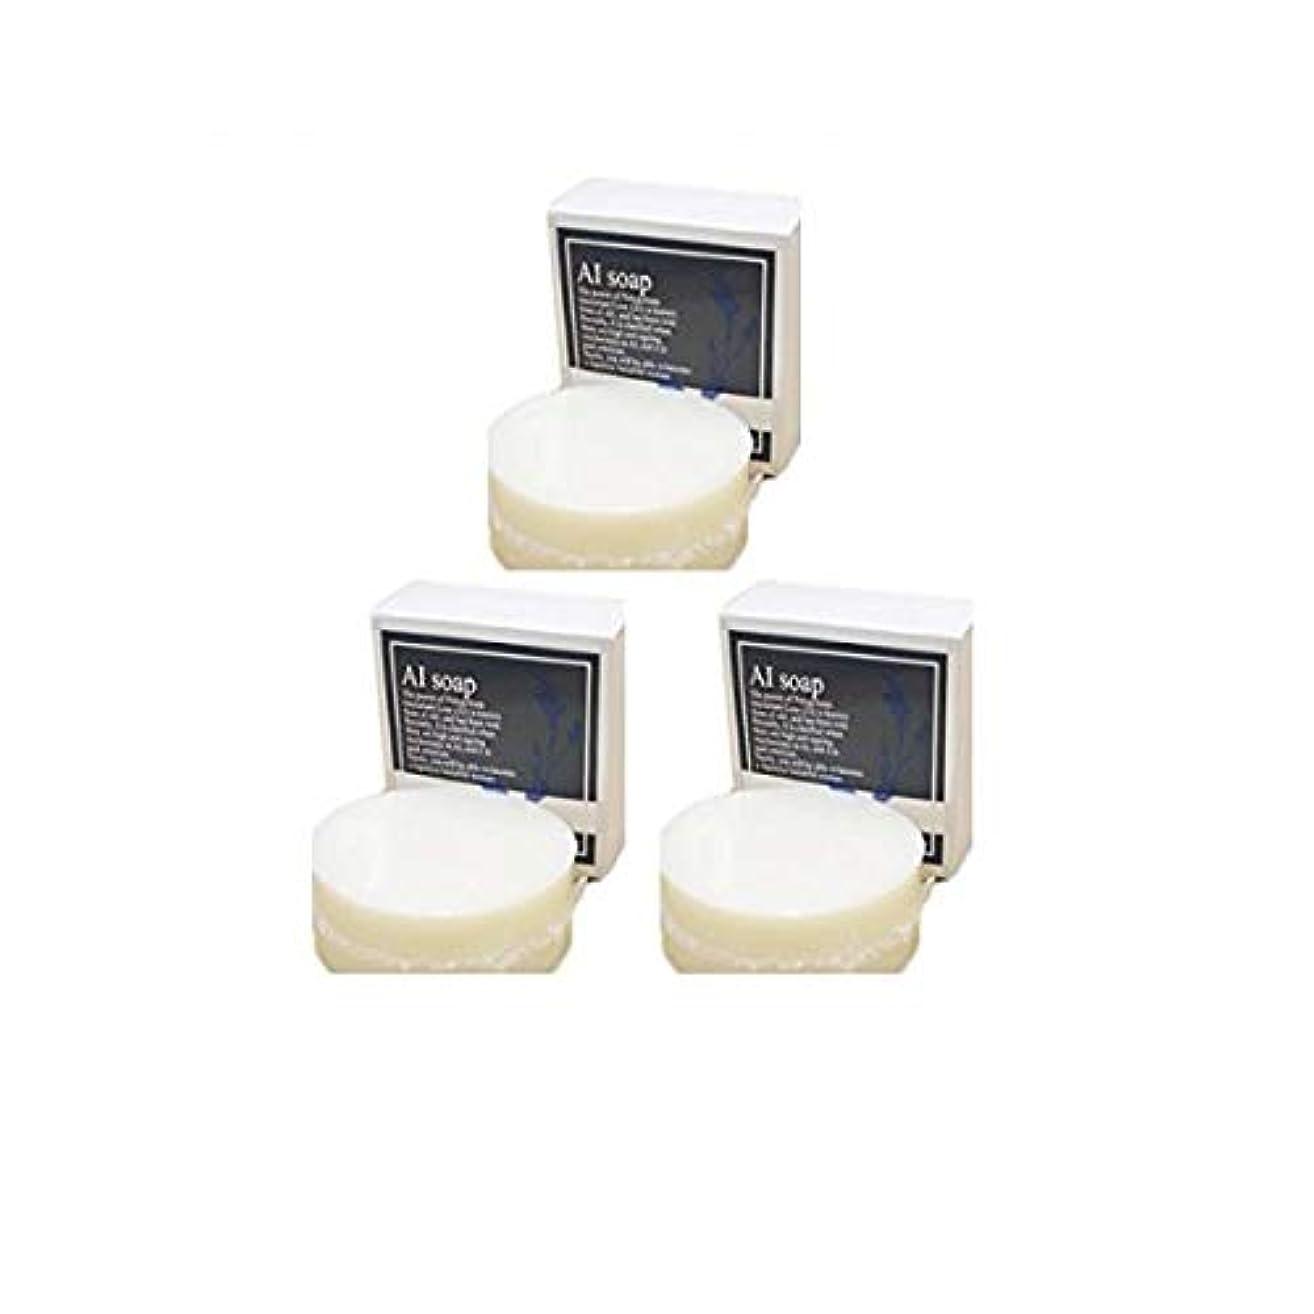 仮装ウガンダメドレーAI soap 藍石鹸 3個セット(100g×3個)藍エキス配合の無添加石鹸